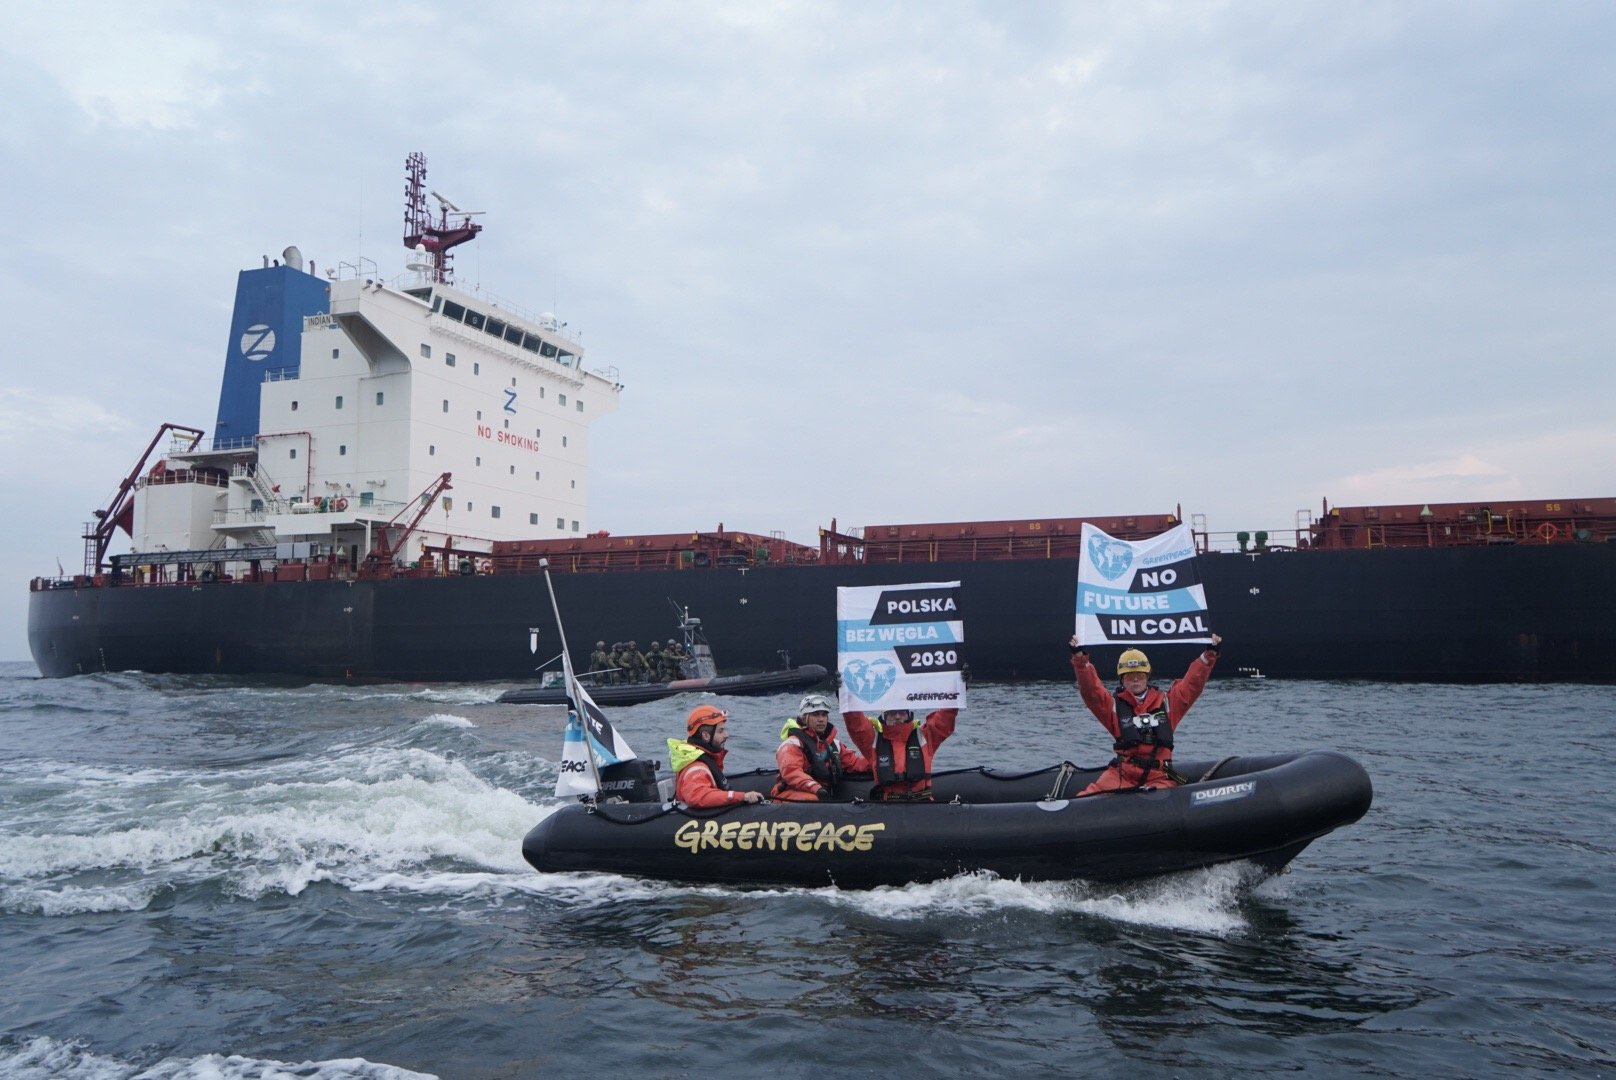 fot. Greenpeace